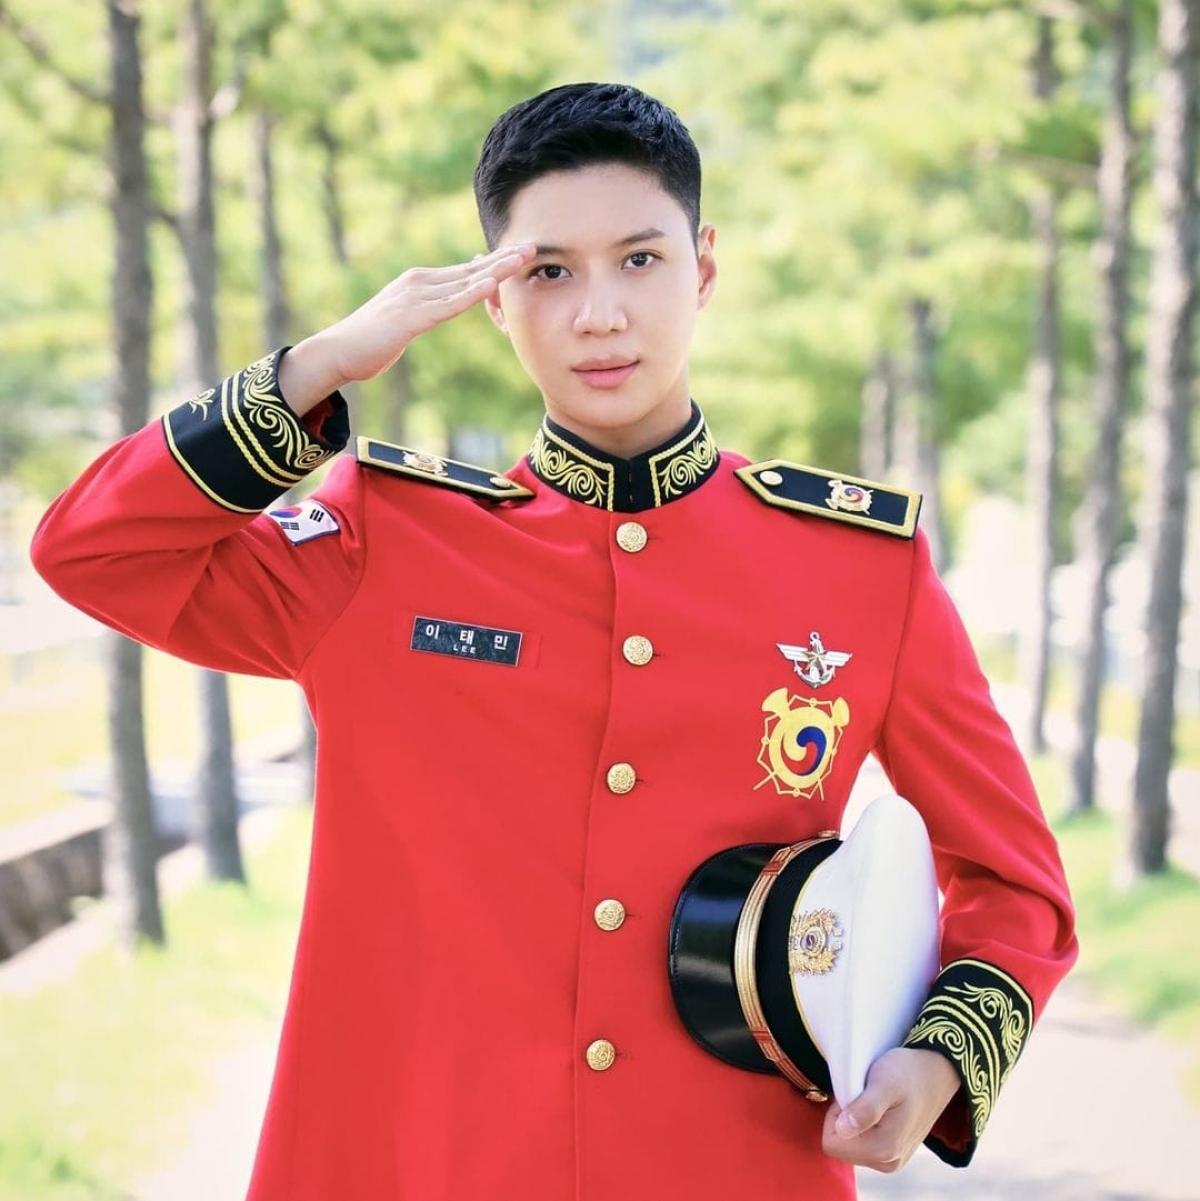 Nam thần tượng xuất hiện điển trai, rạng ngời trong bộ quân phục.